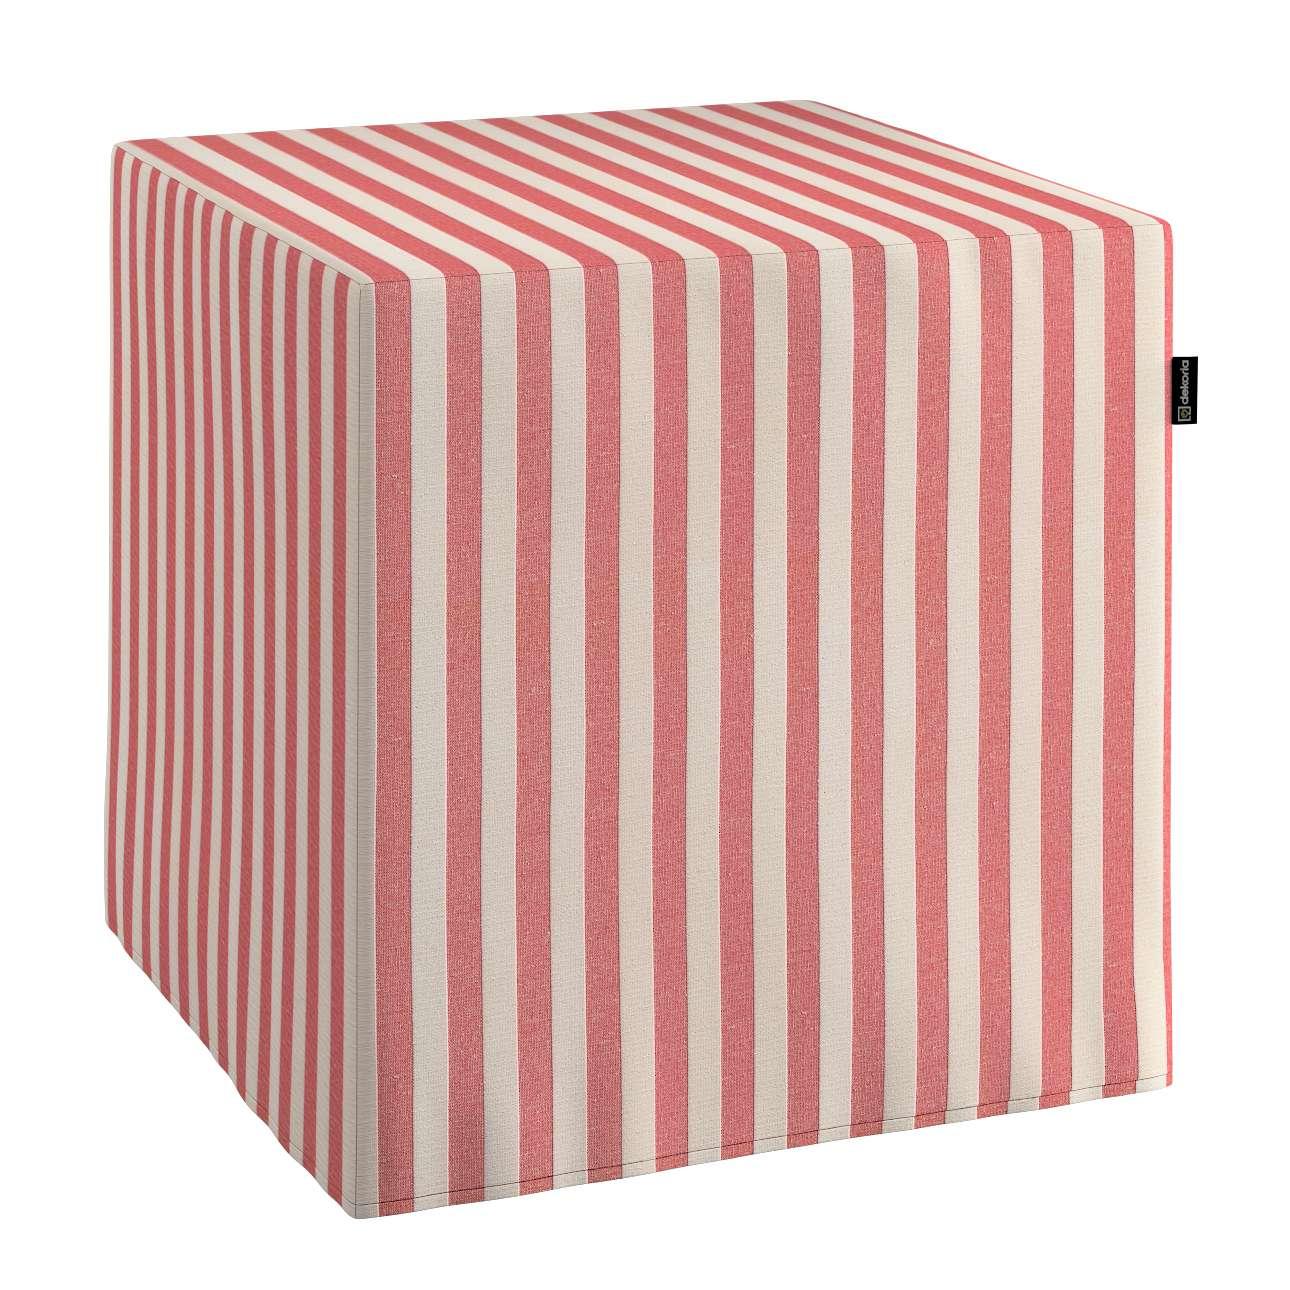 Pokrowiec na pufę kostke kostka 40x40x40 cm w kolekcji Quadro, tkanina: 136-17